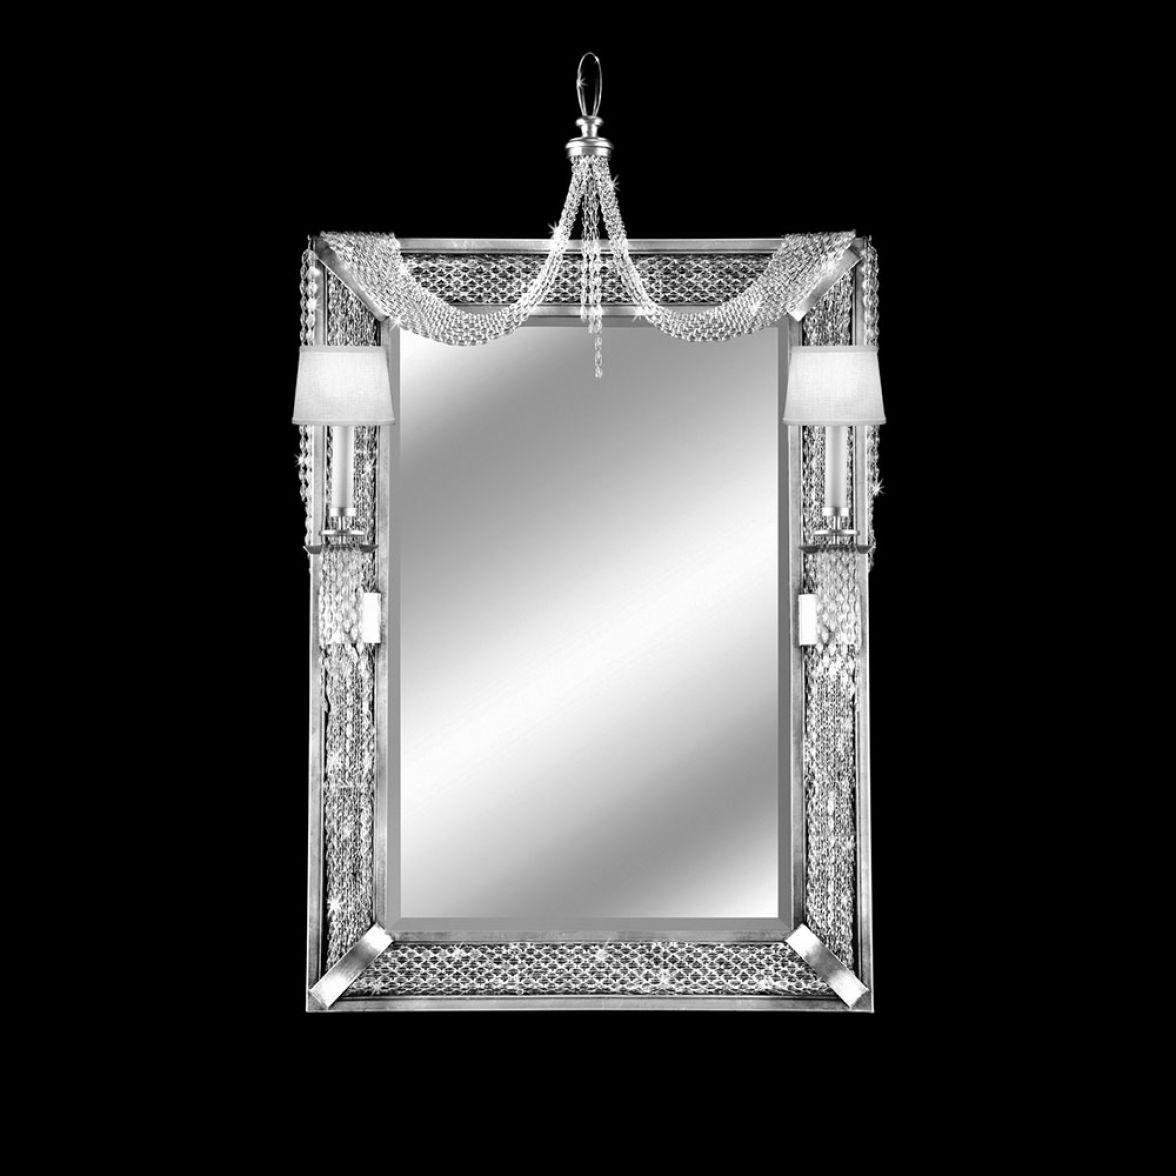 Зеркало с двумя бра Cascades фото цена